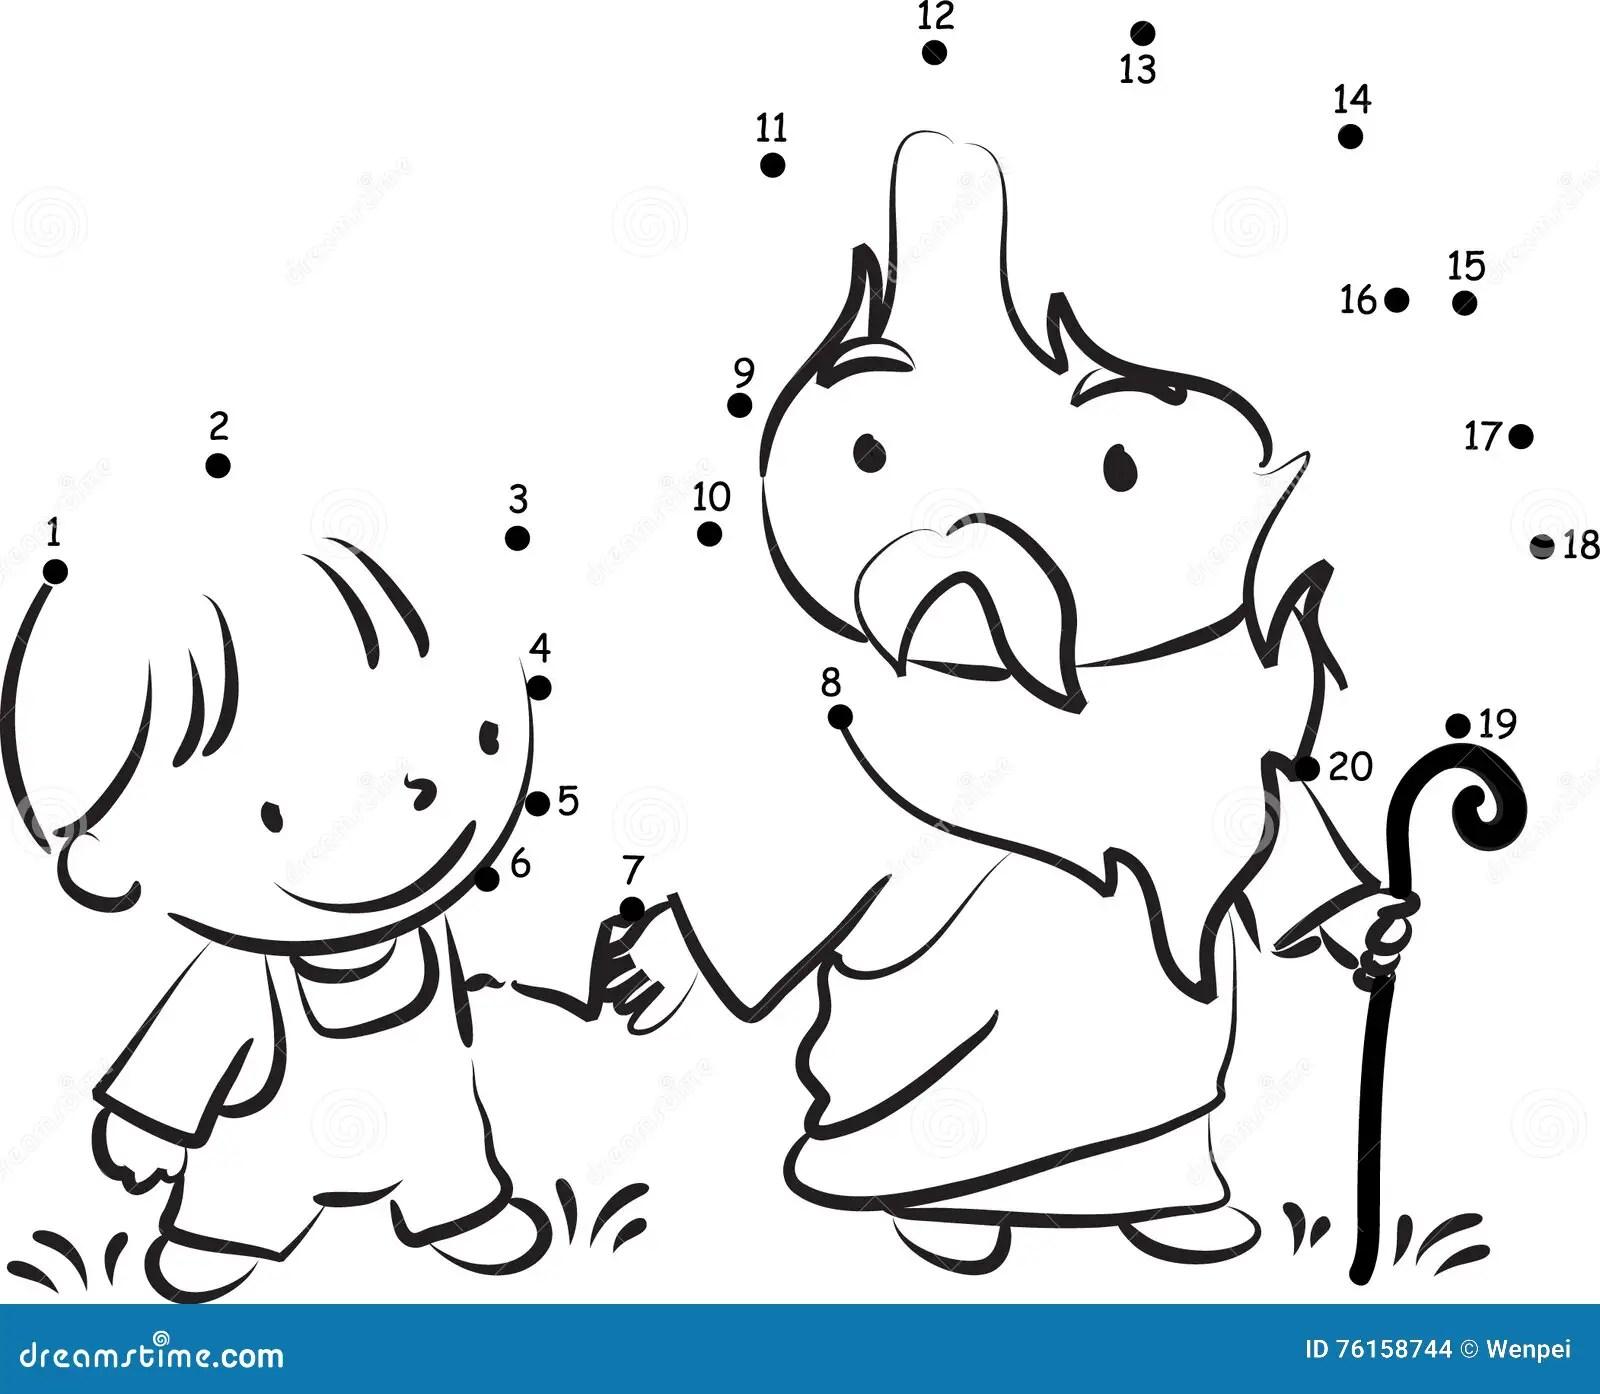 Cartoon Jesus Hand In Hand Kids Children Cartoon Vector